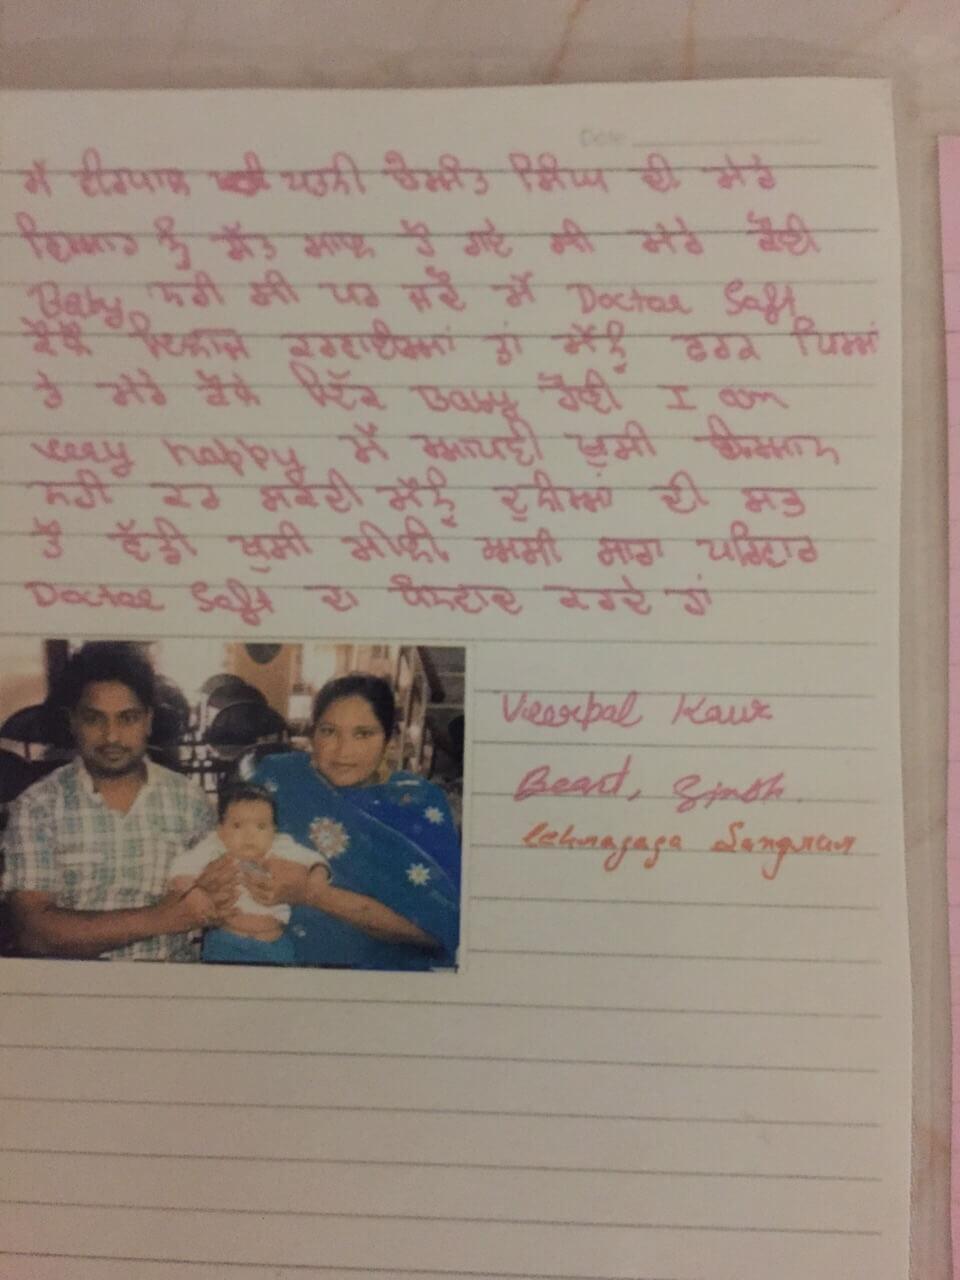 Beant-Singh-Veerpal-Kaur